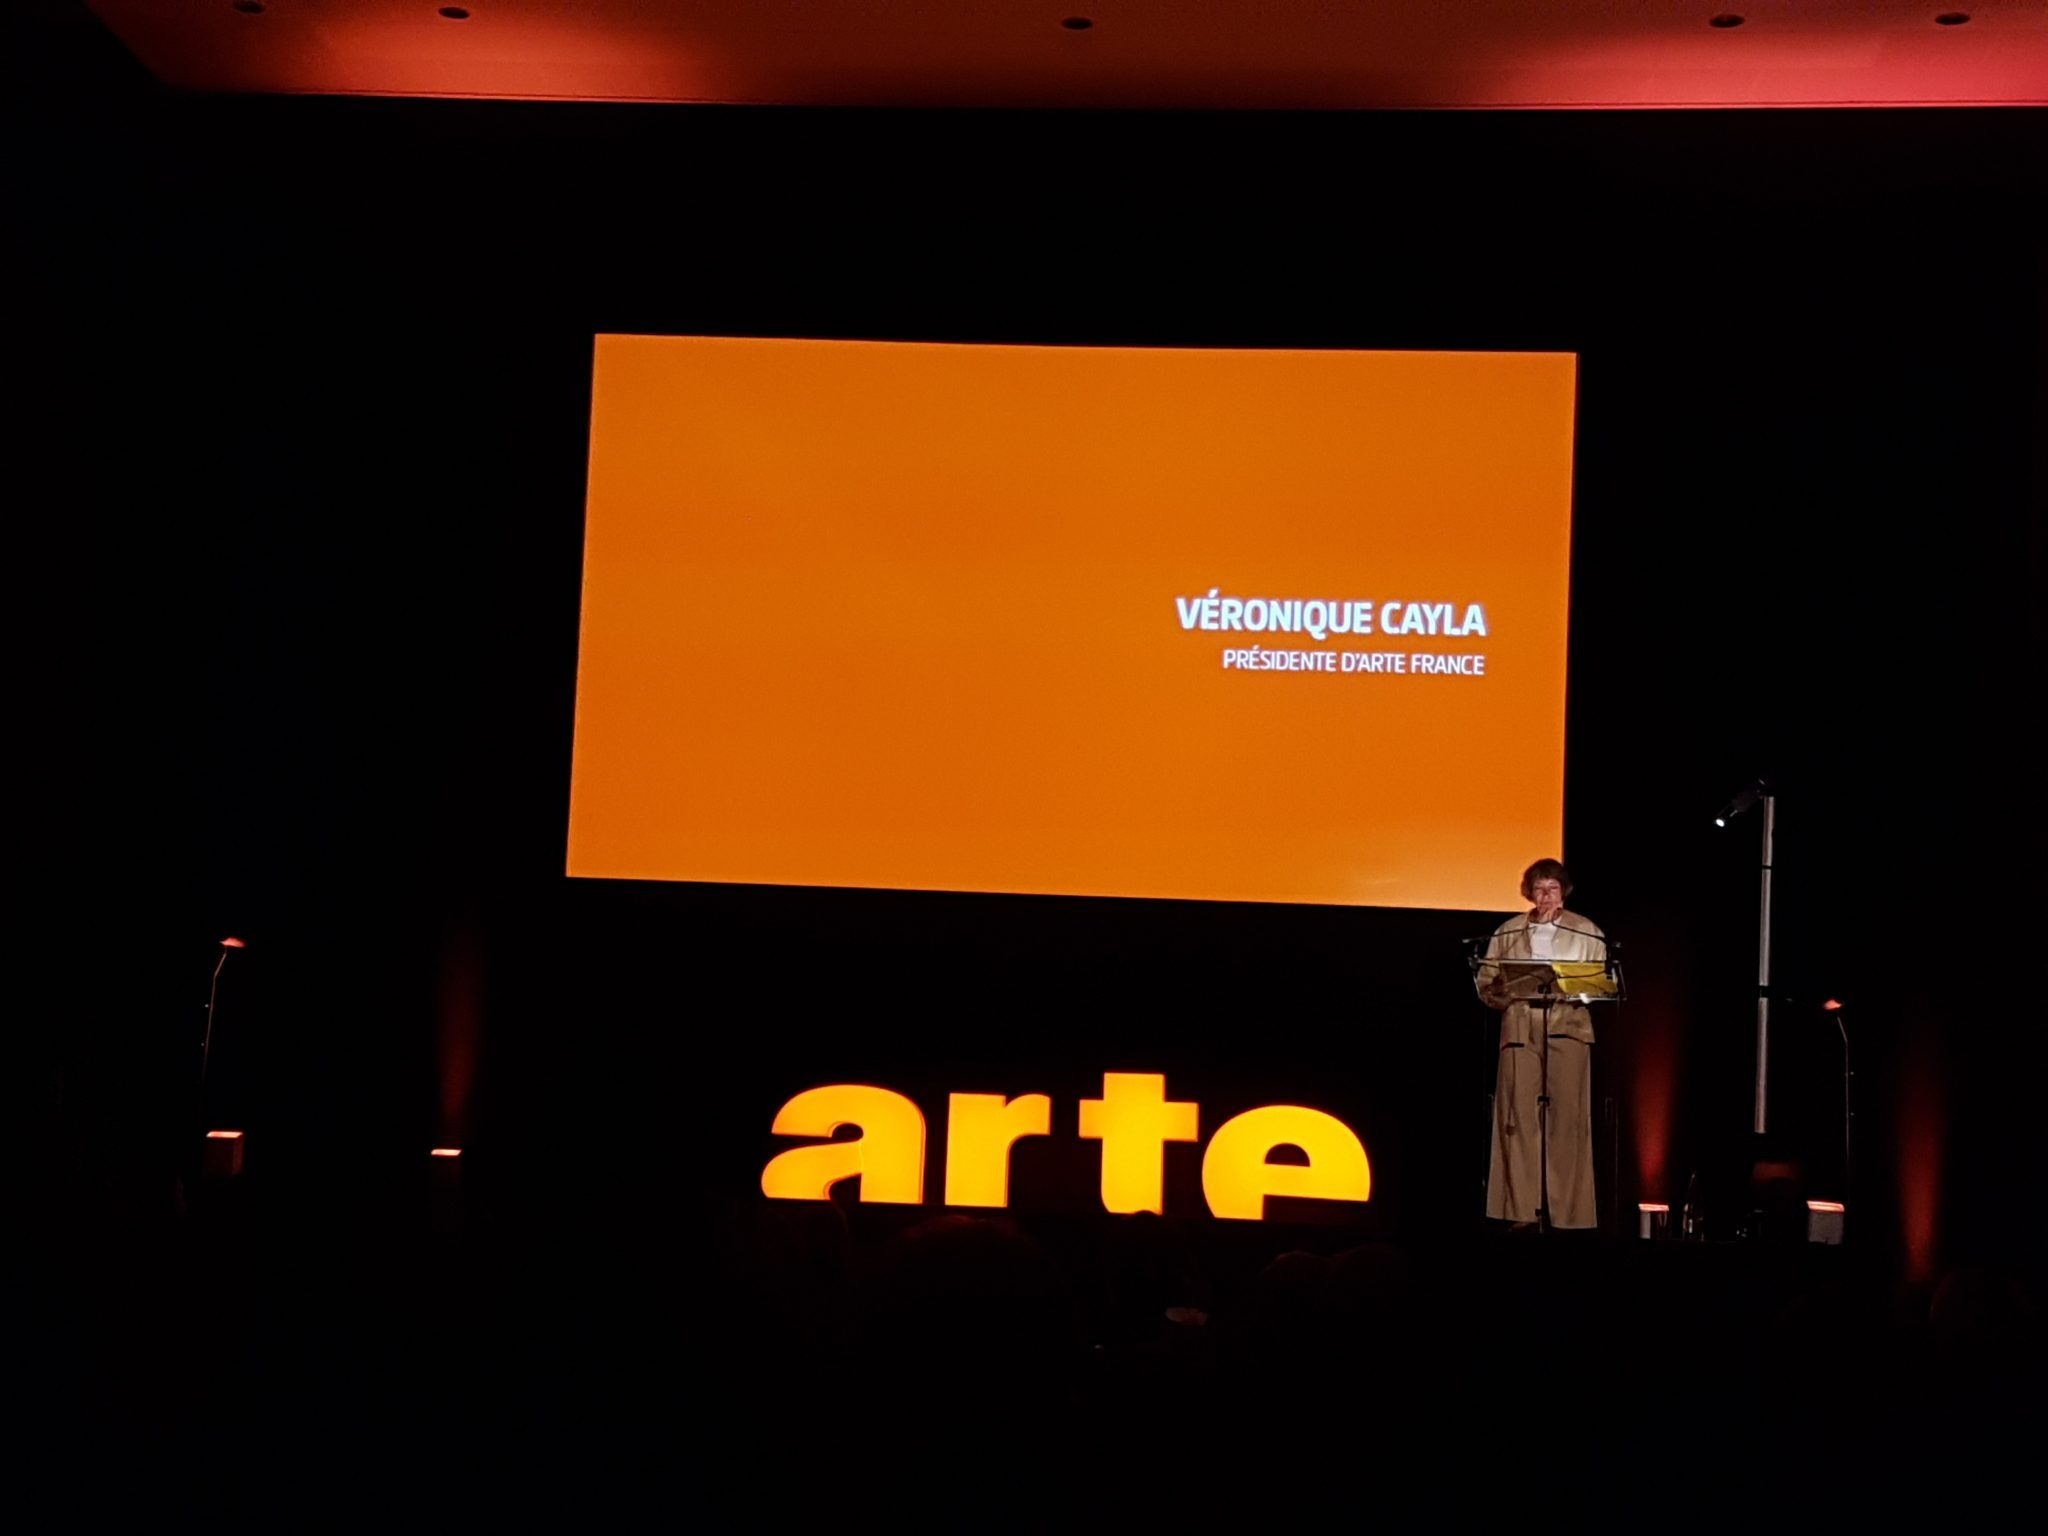 ARTE rentrée 2017 image Véronique Cayla